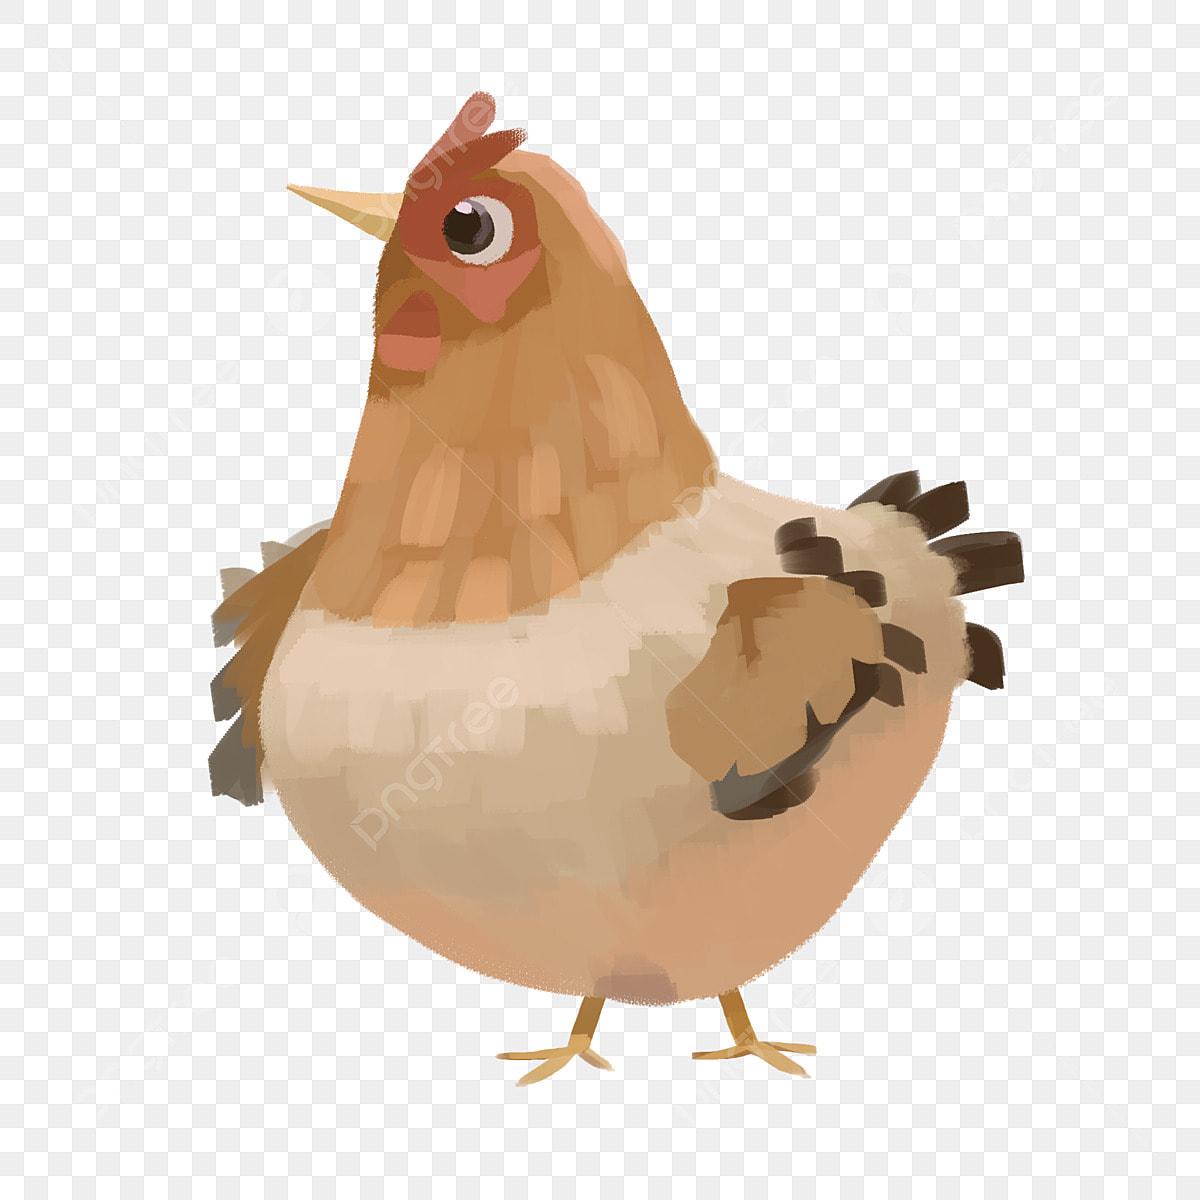 손으로 그린 닭 애완 동물 닭 갈색 닭 뚱뚱한 닭 깃털